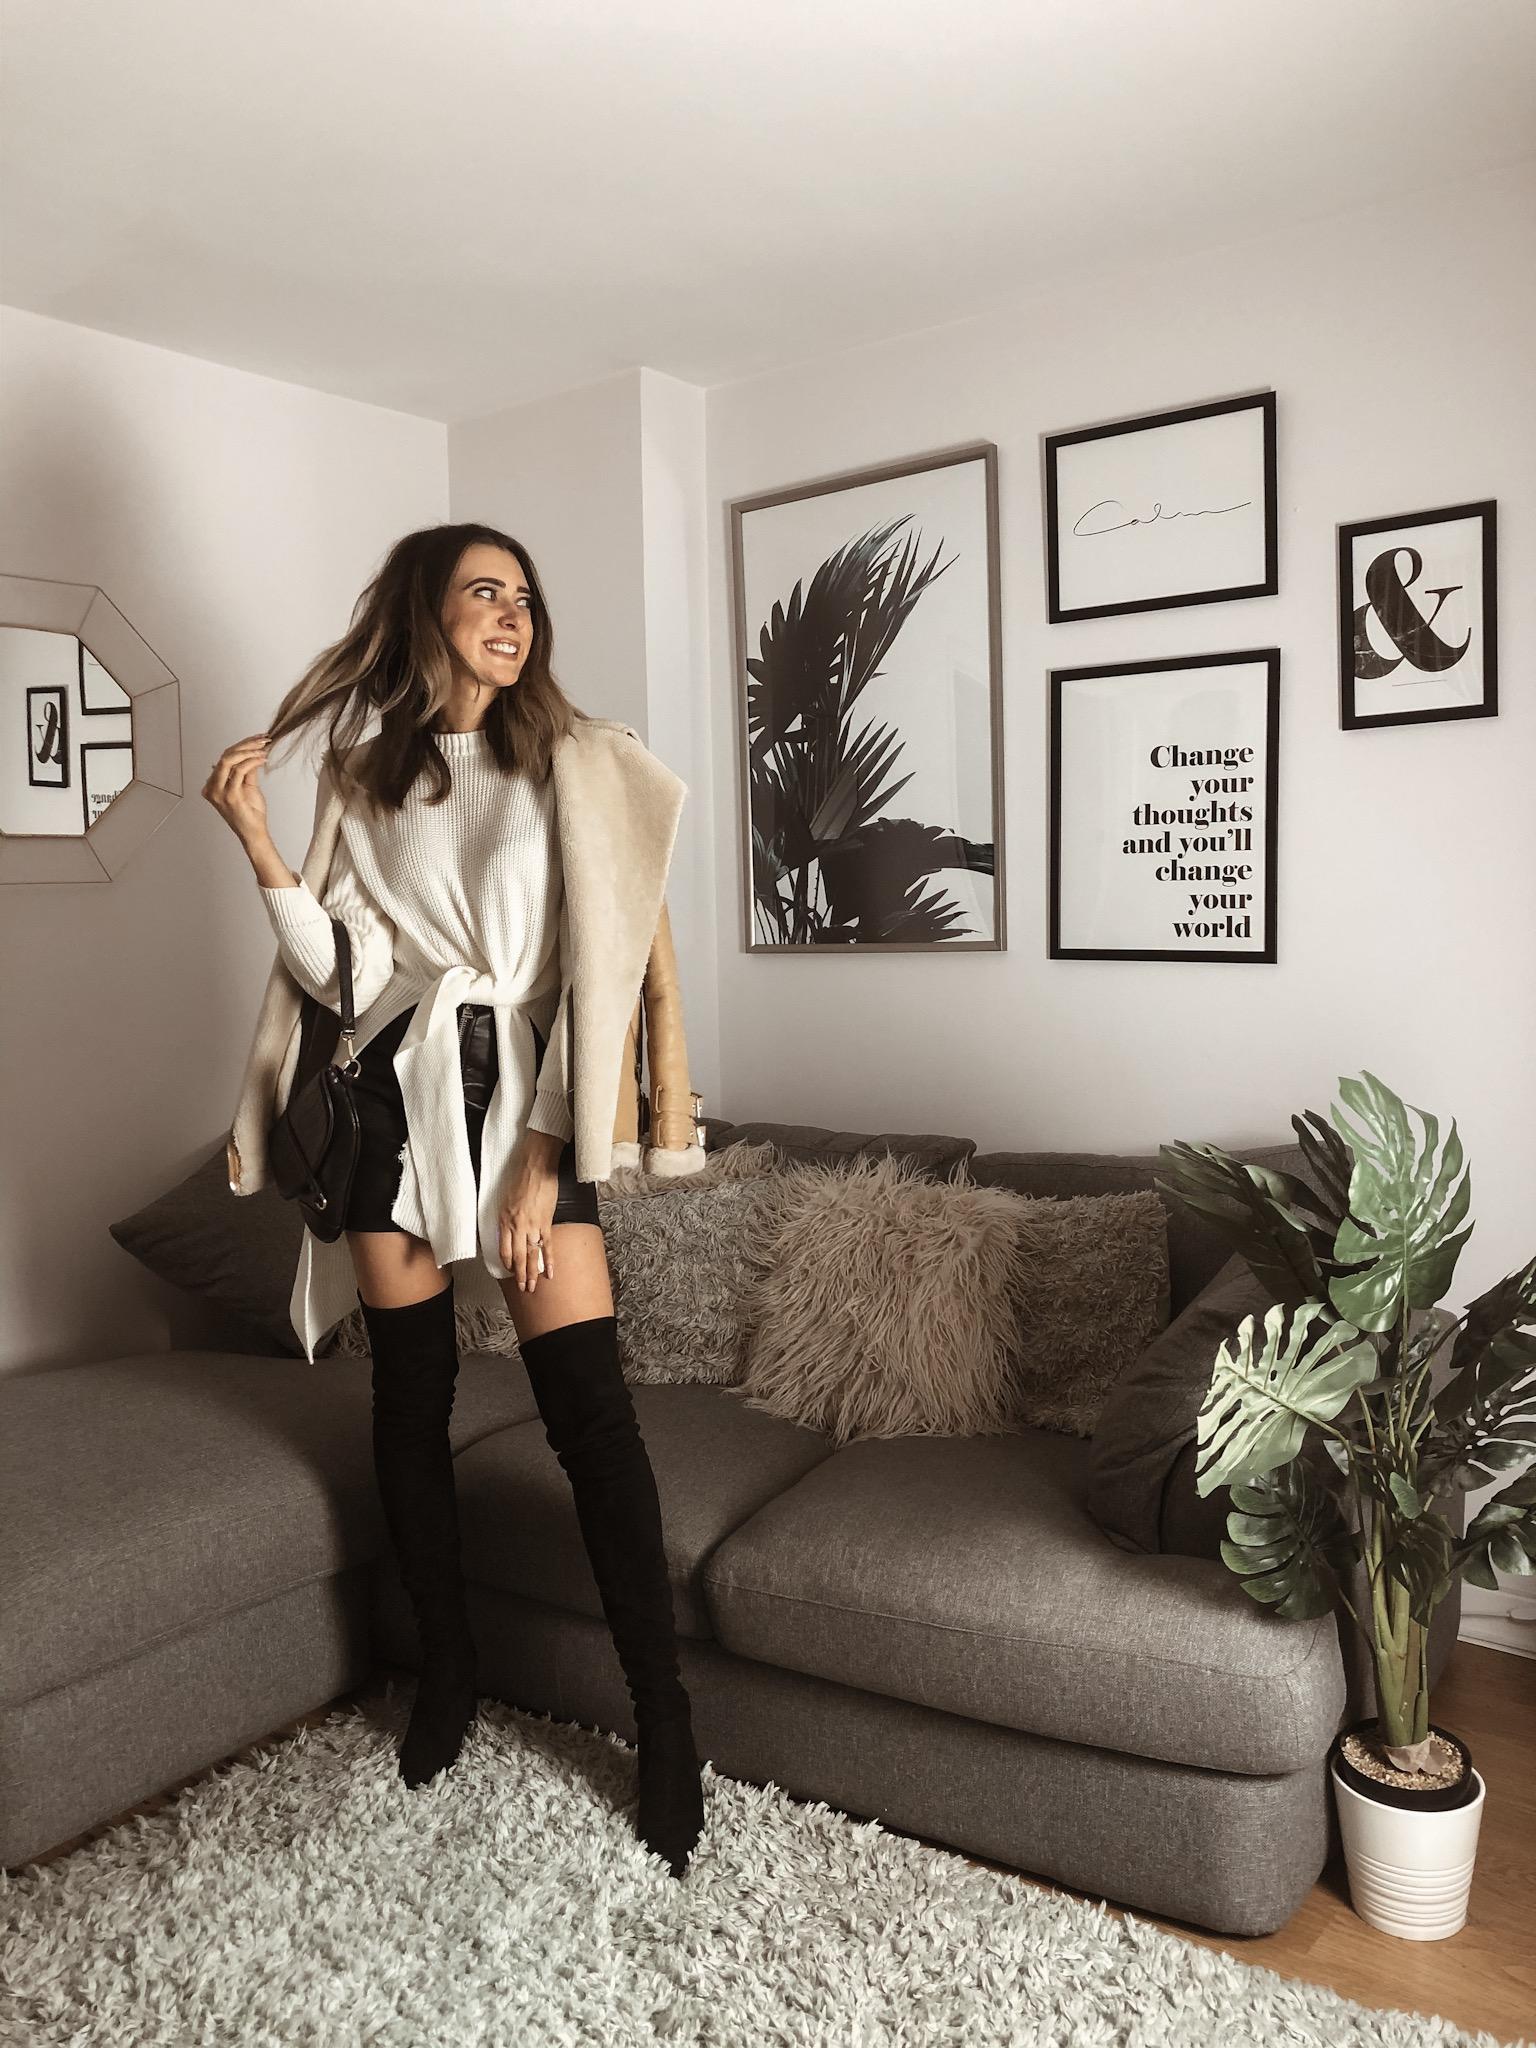 Femme Luxe jumper tie jumper knitwear Rachel Lawler Tender Loving Style (4)